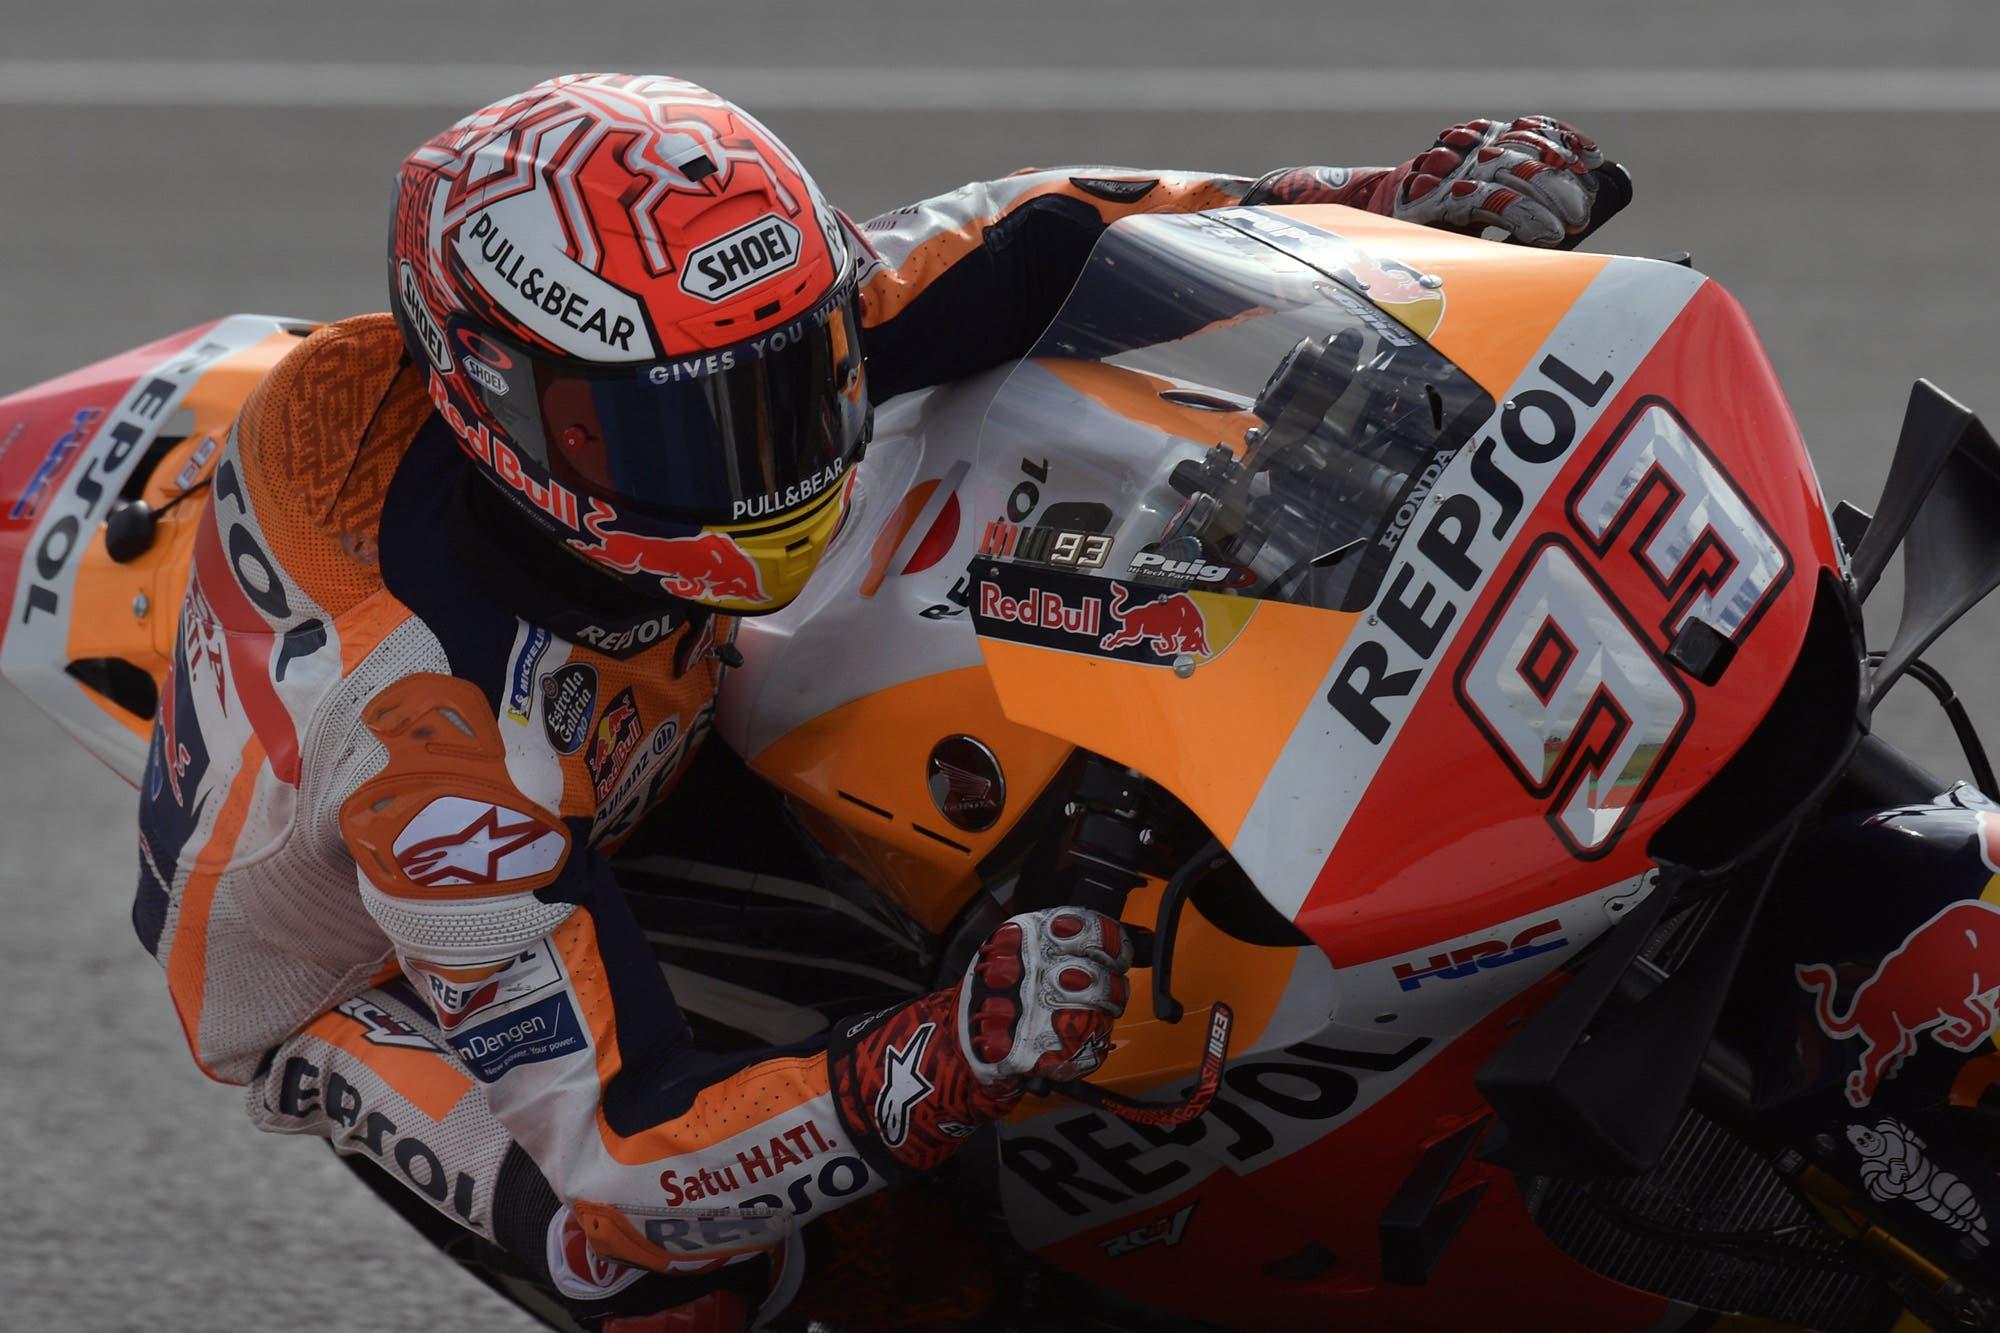 MotoGP en Argentina: le saltó un airbag y la cadena, pero igual Marc Márquez fue el más rápido en Termas